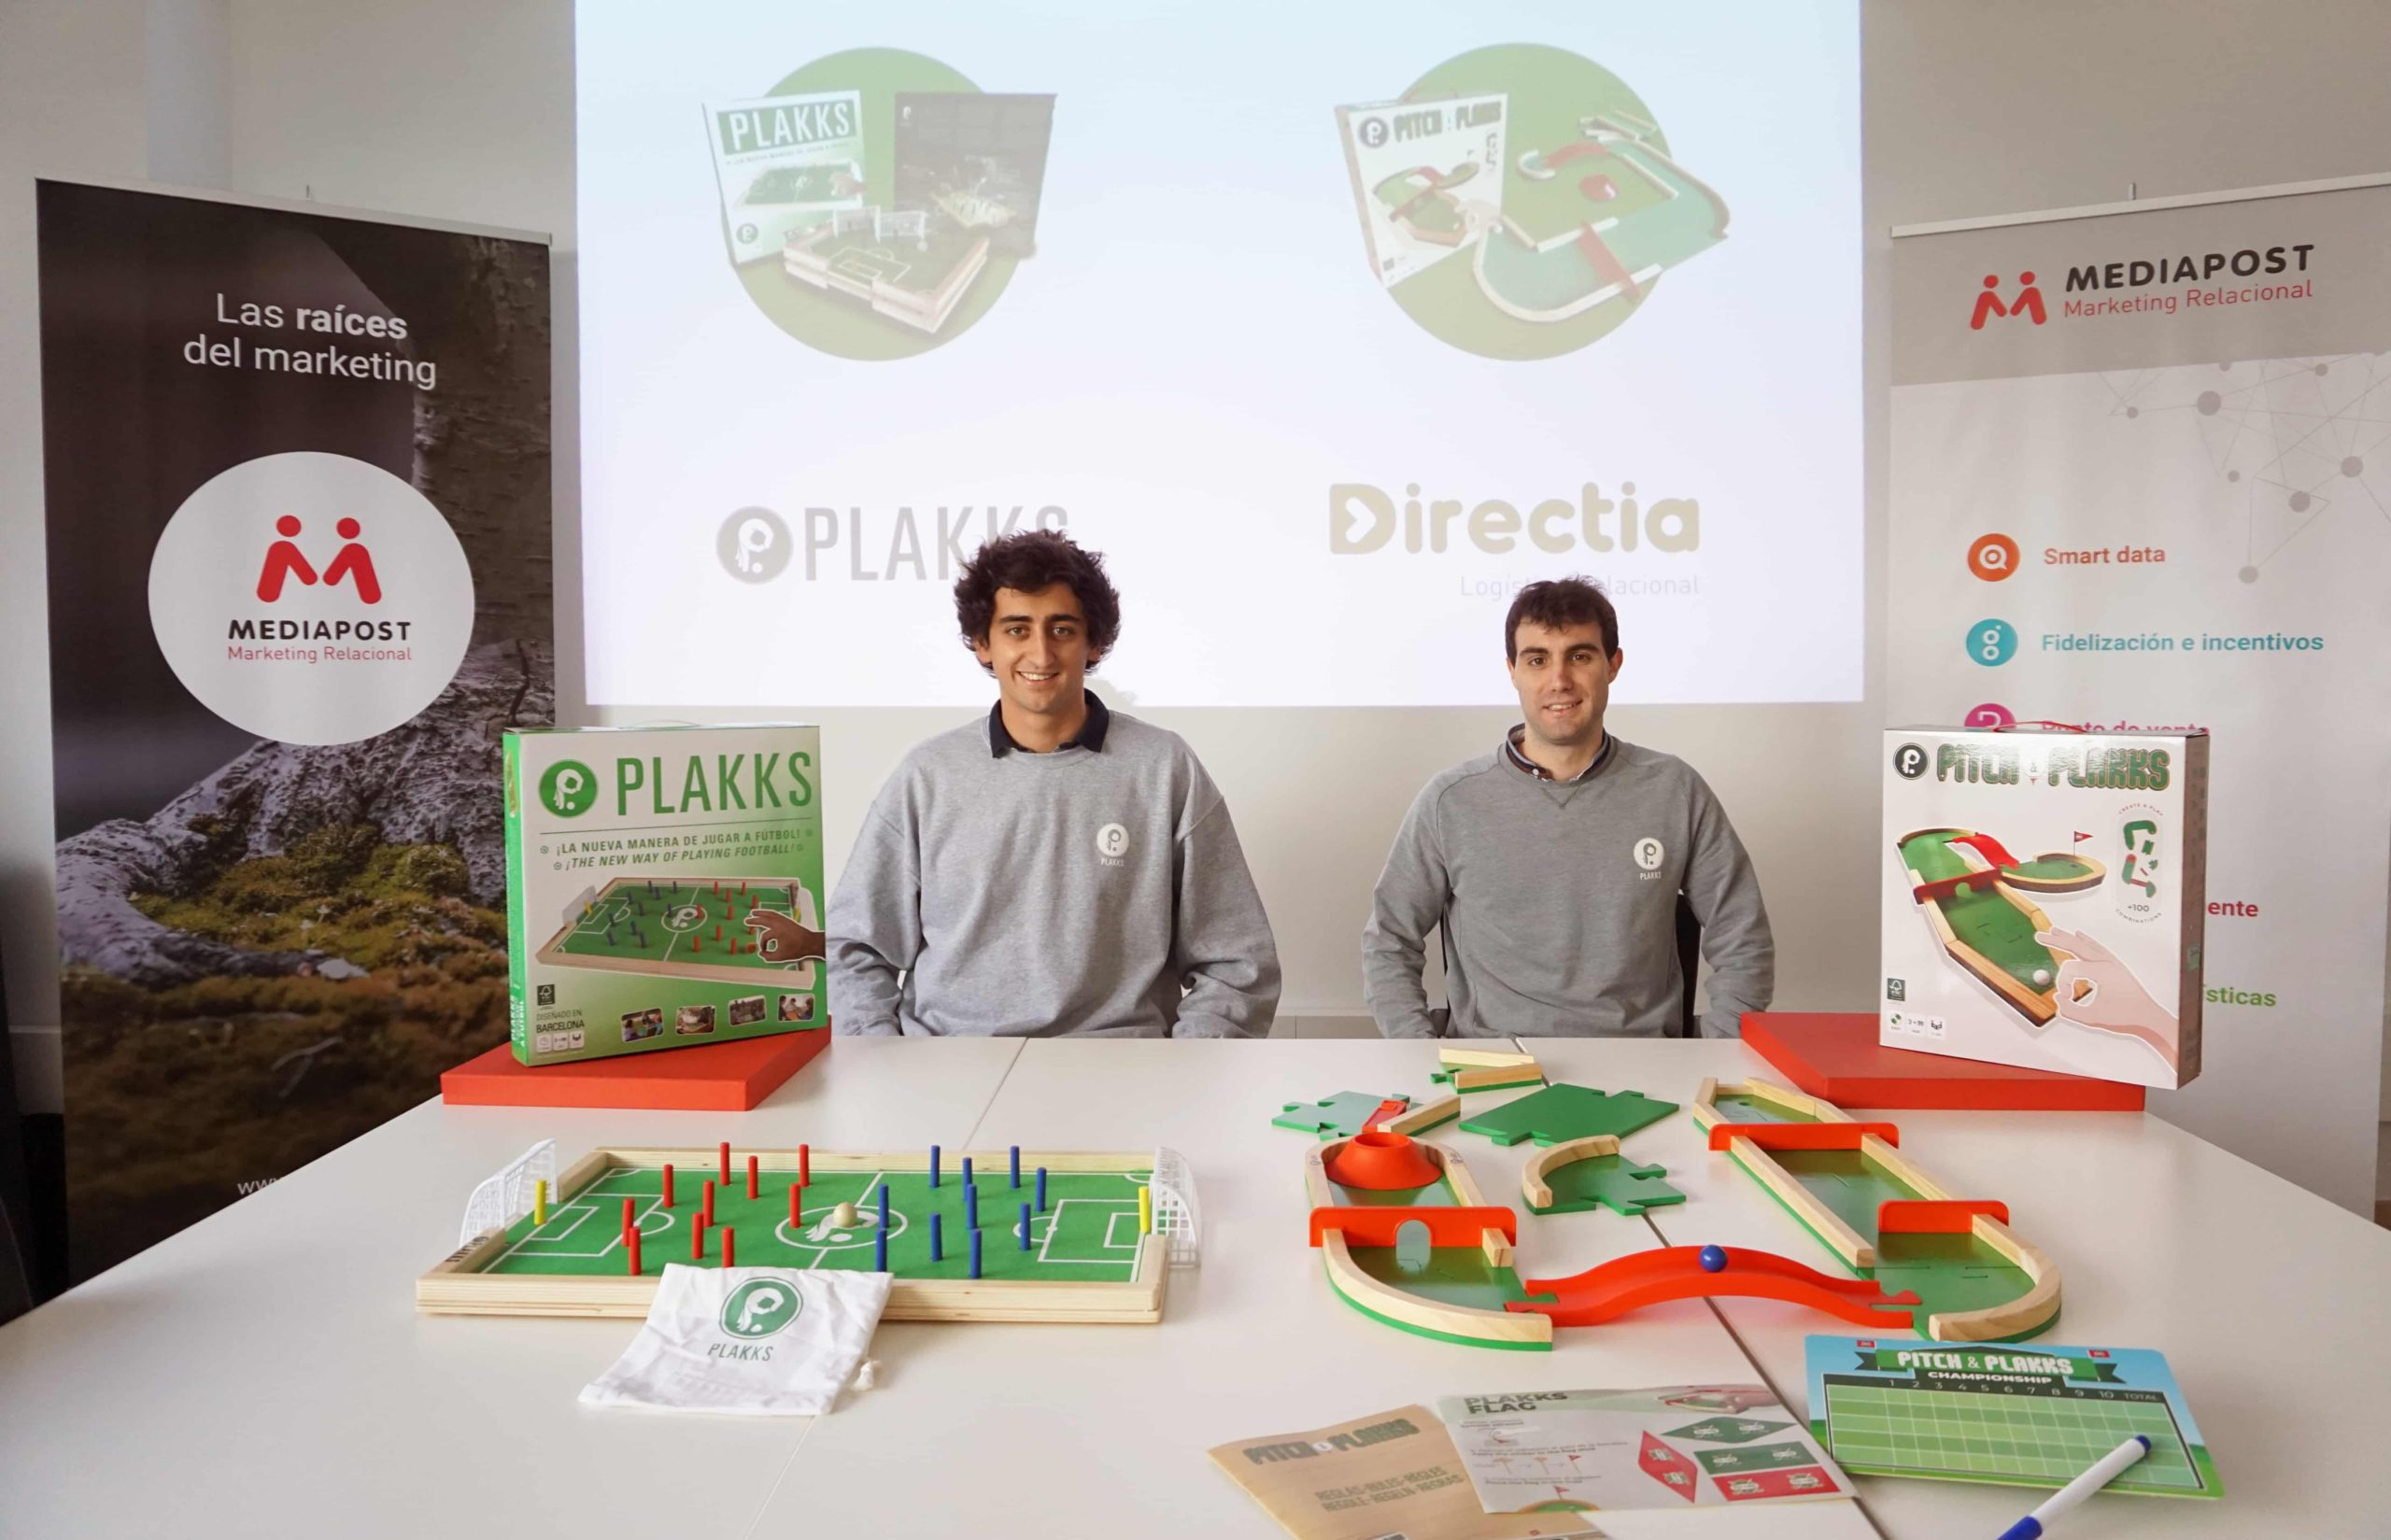 Plakks, la startup de juegos de mesa deportivos, apuesta por Directia para la logística de su ecommerce